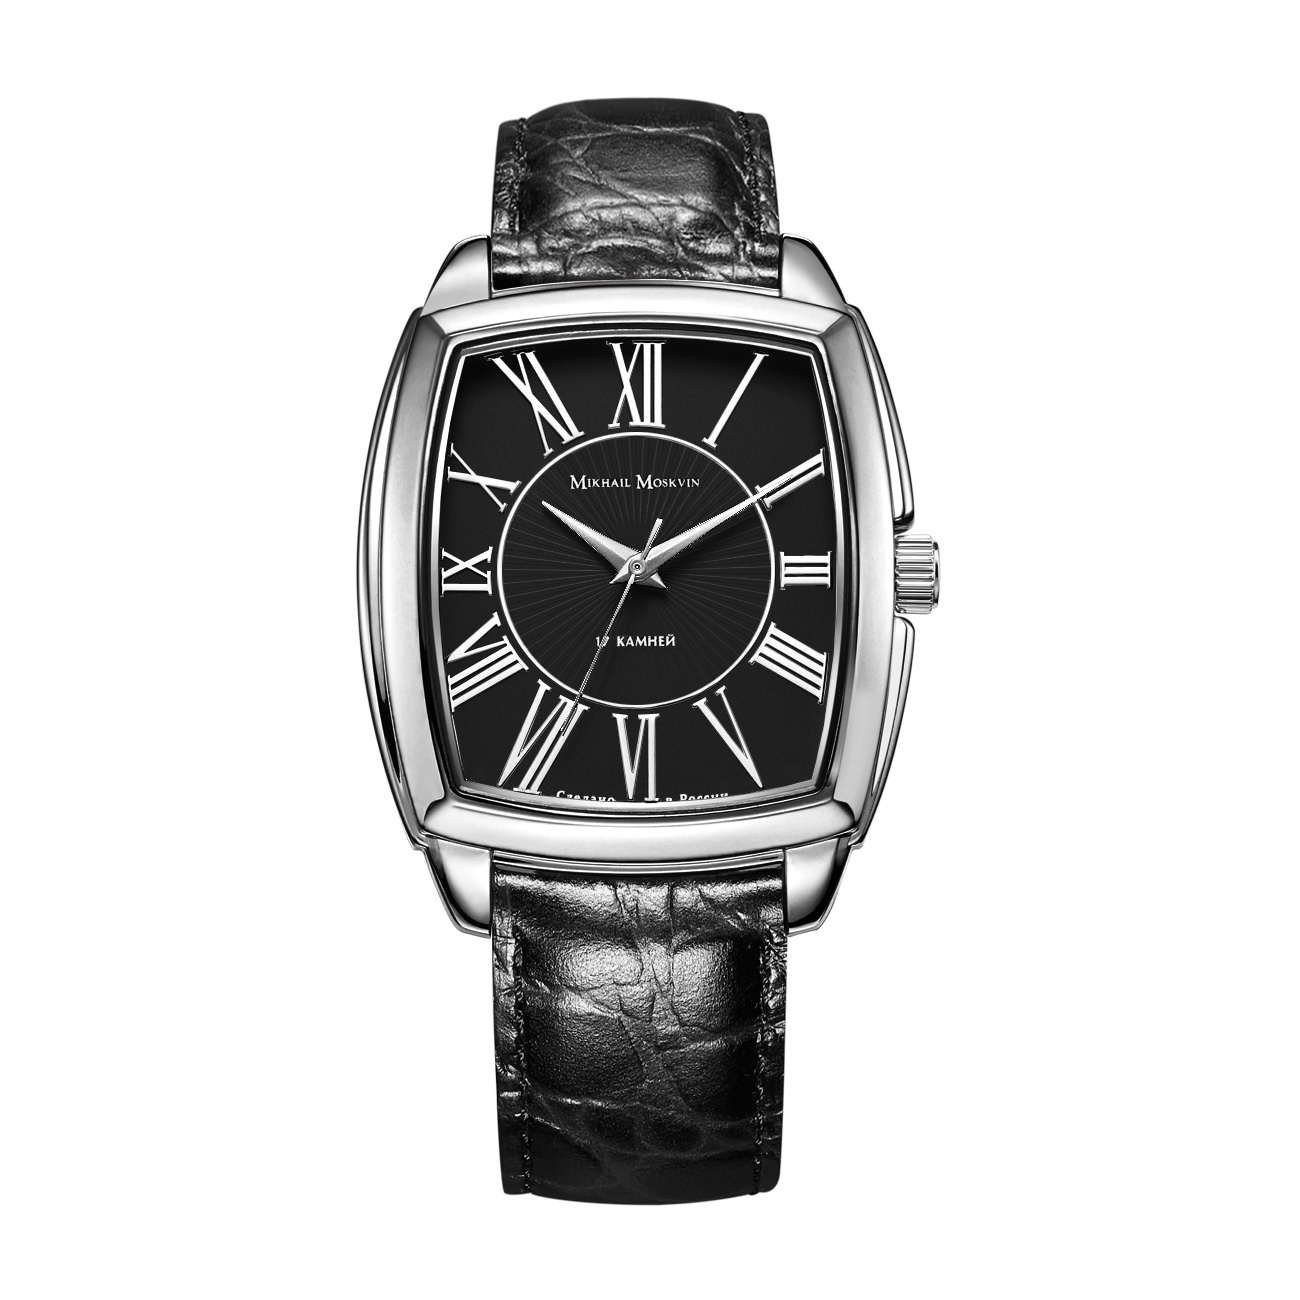 Часы Mikhail Moskvin, Mikhail Moskvin 1112A1L2, 1112A1L2 все цены